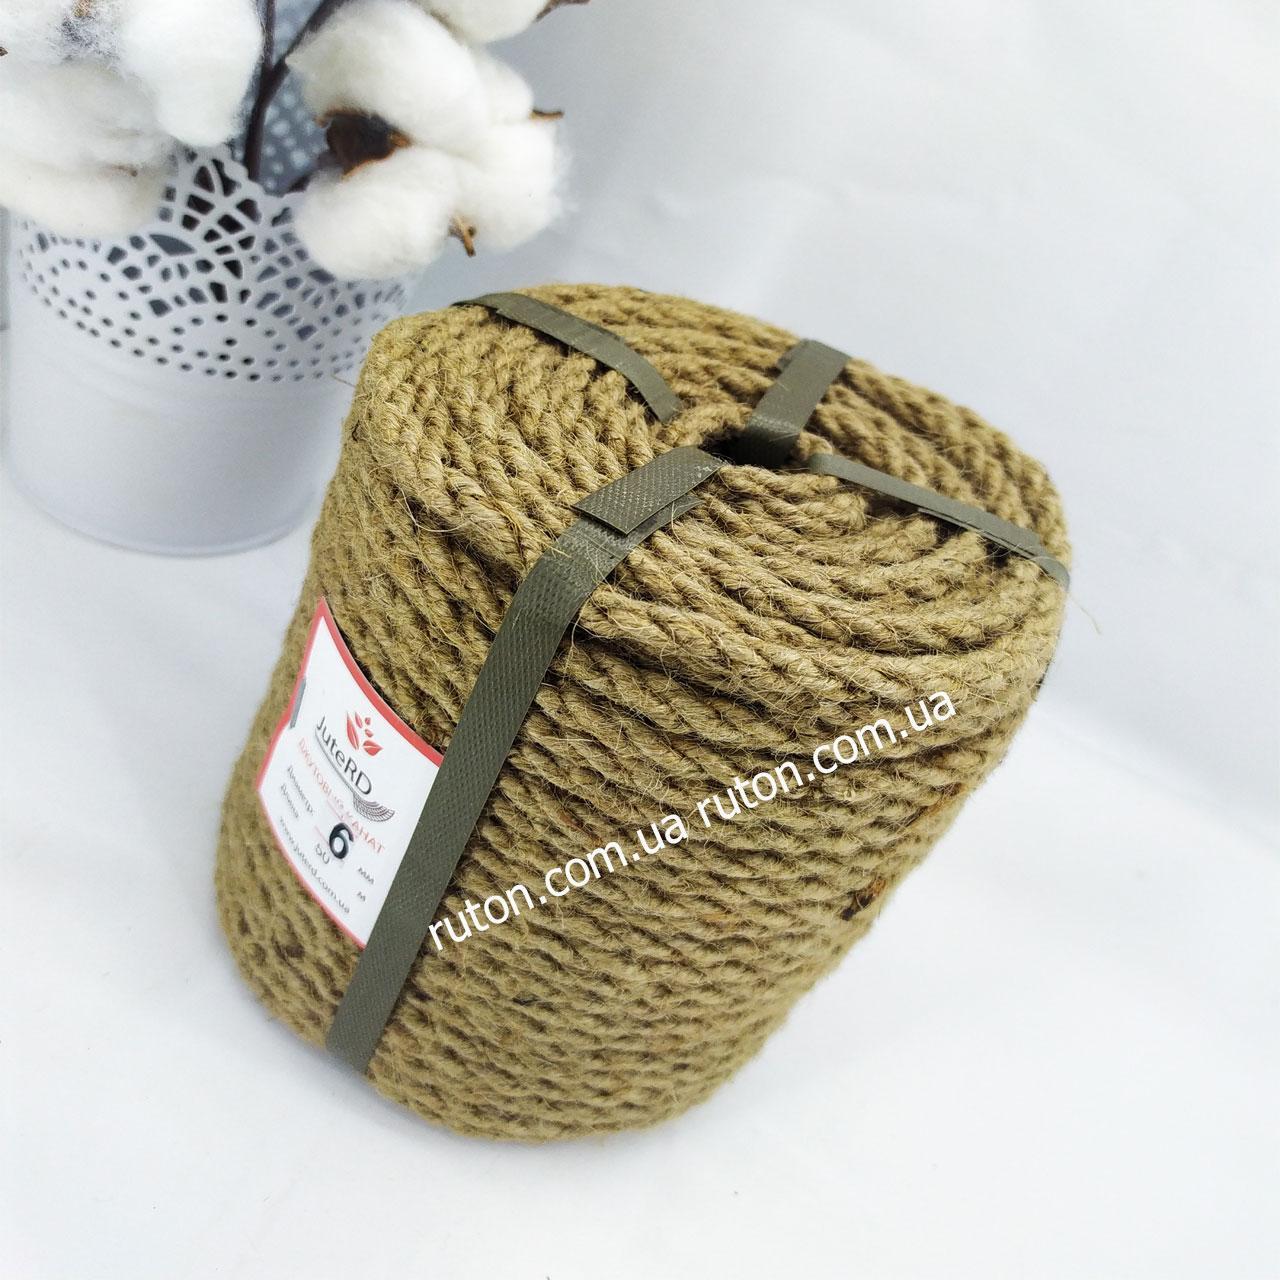 Джутовая веревка для поделок хендмей 6мм 50м